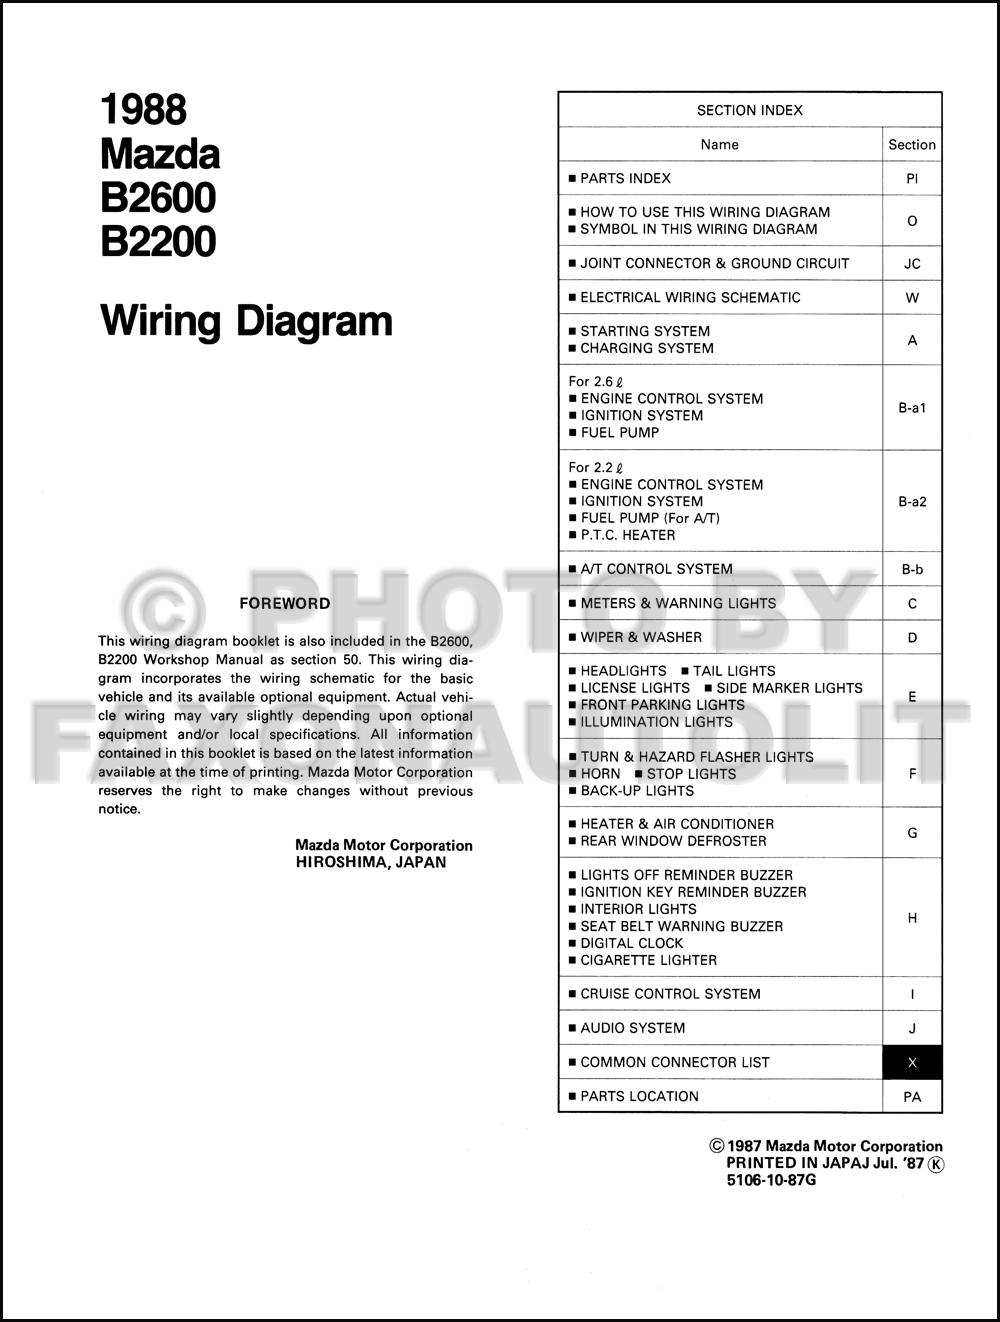 hight resolution of 1988 mazda b2600 wiring diagram layout wiring diagrams u2022 98 mazda 626 headlight replacement mazda